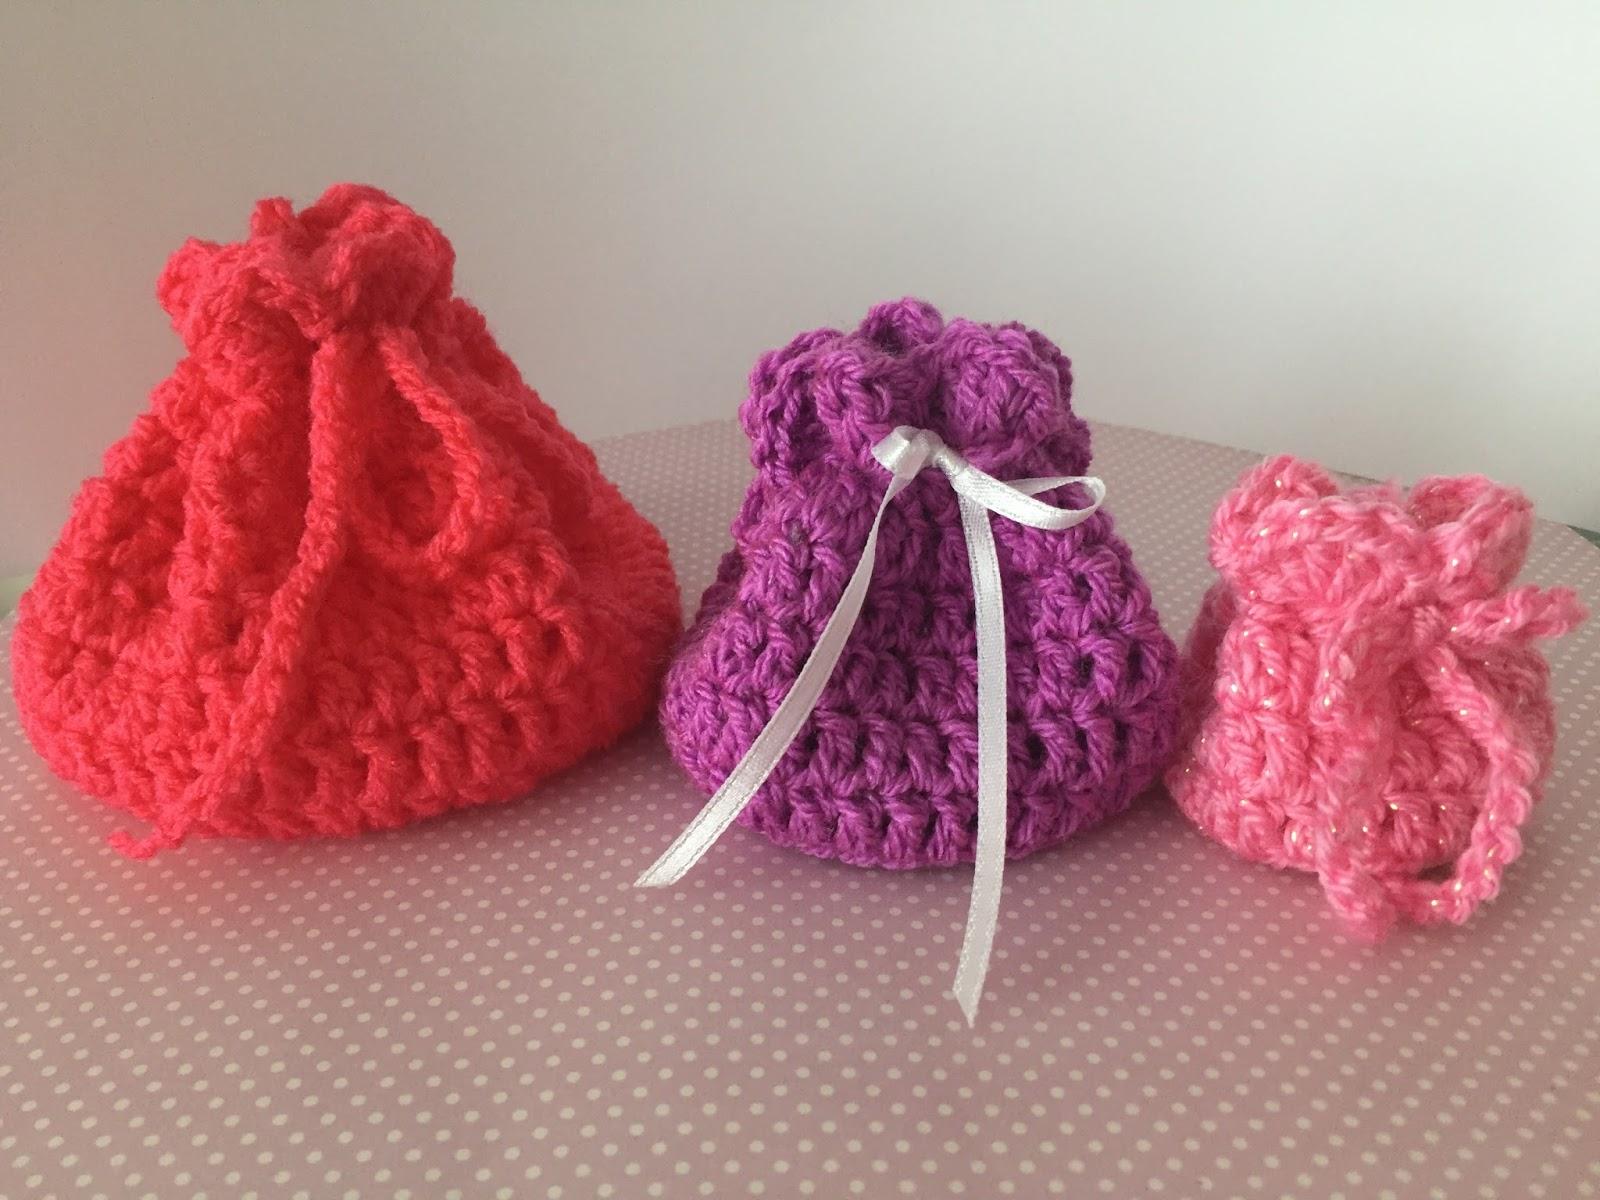 Love Hooking Crochet